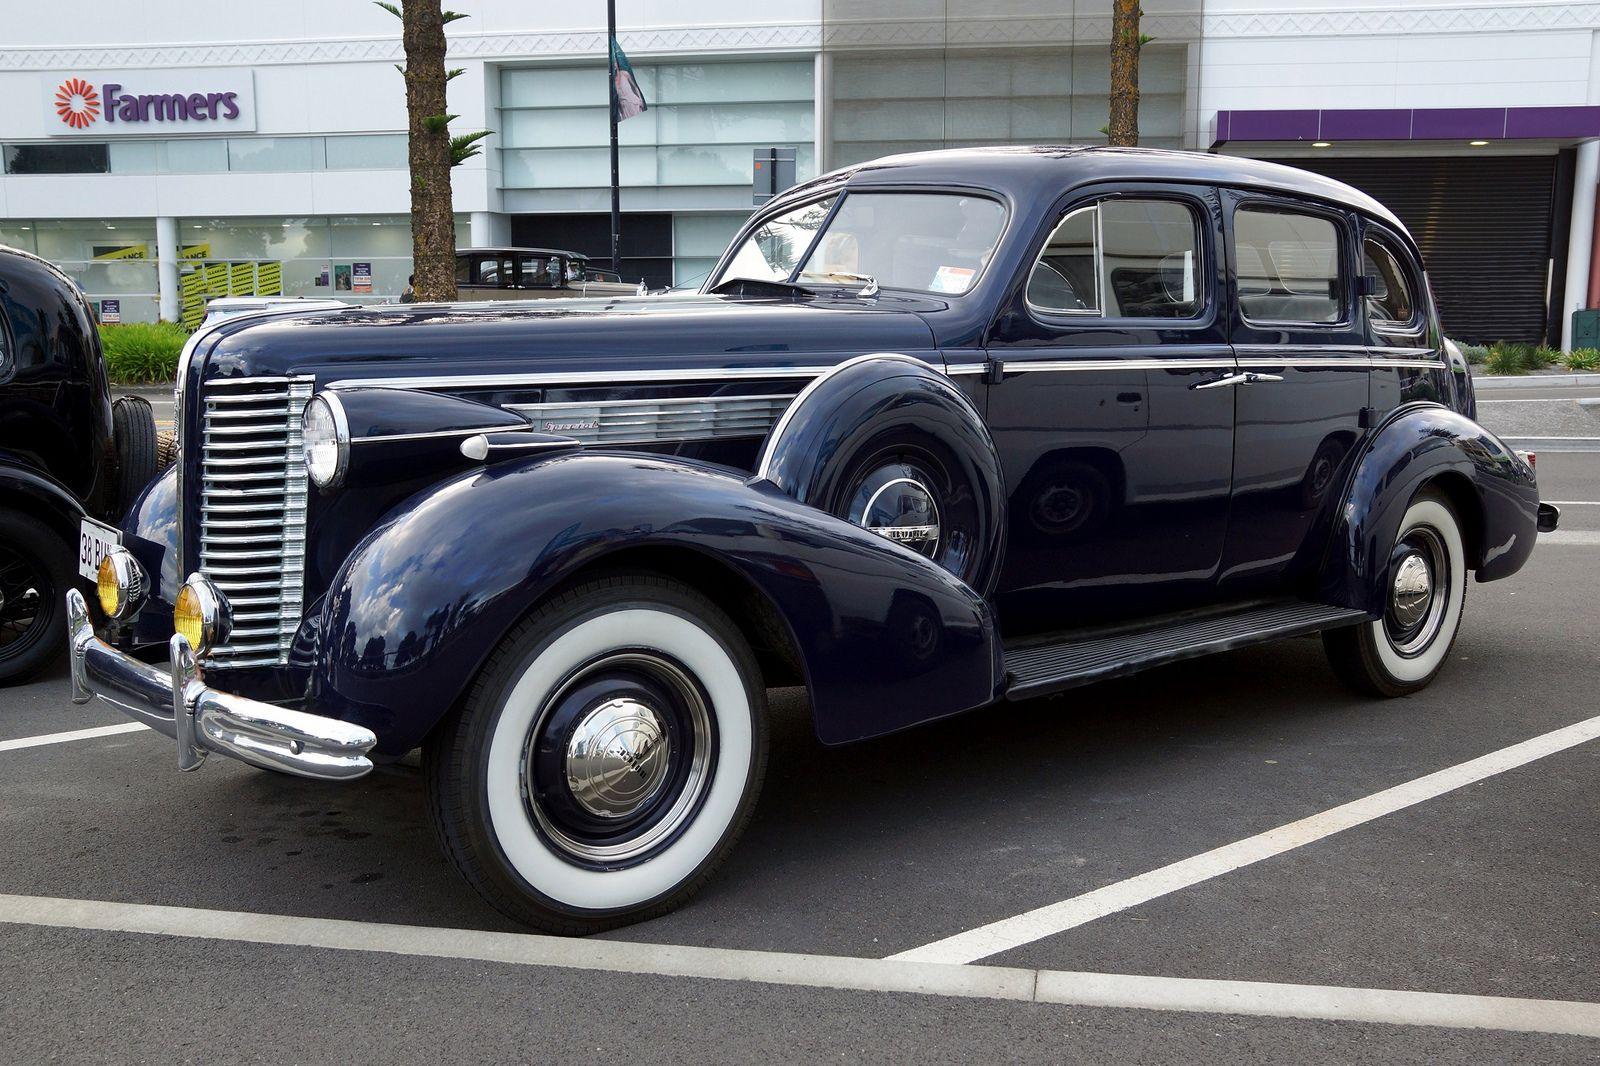 1938 Buick 8 Sedan Buick Buick Cars Classic Cars Trucks